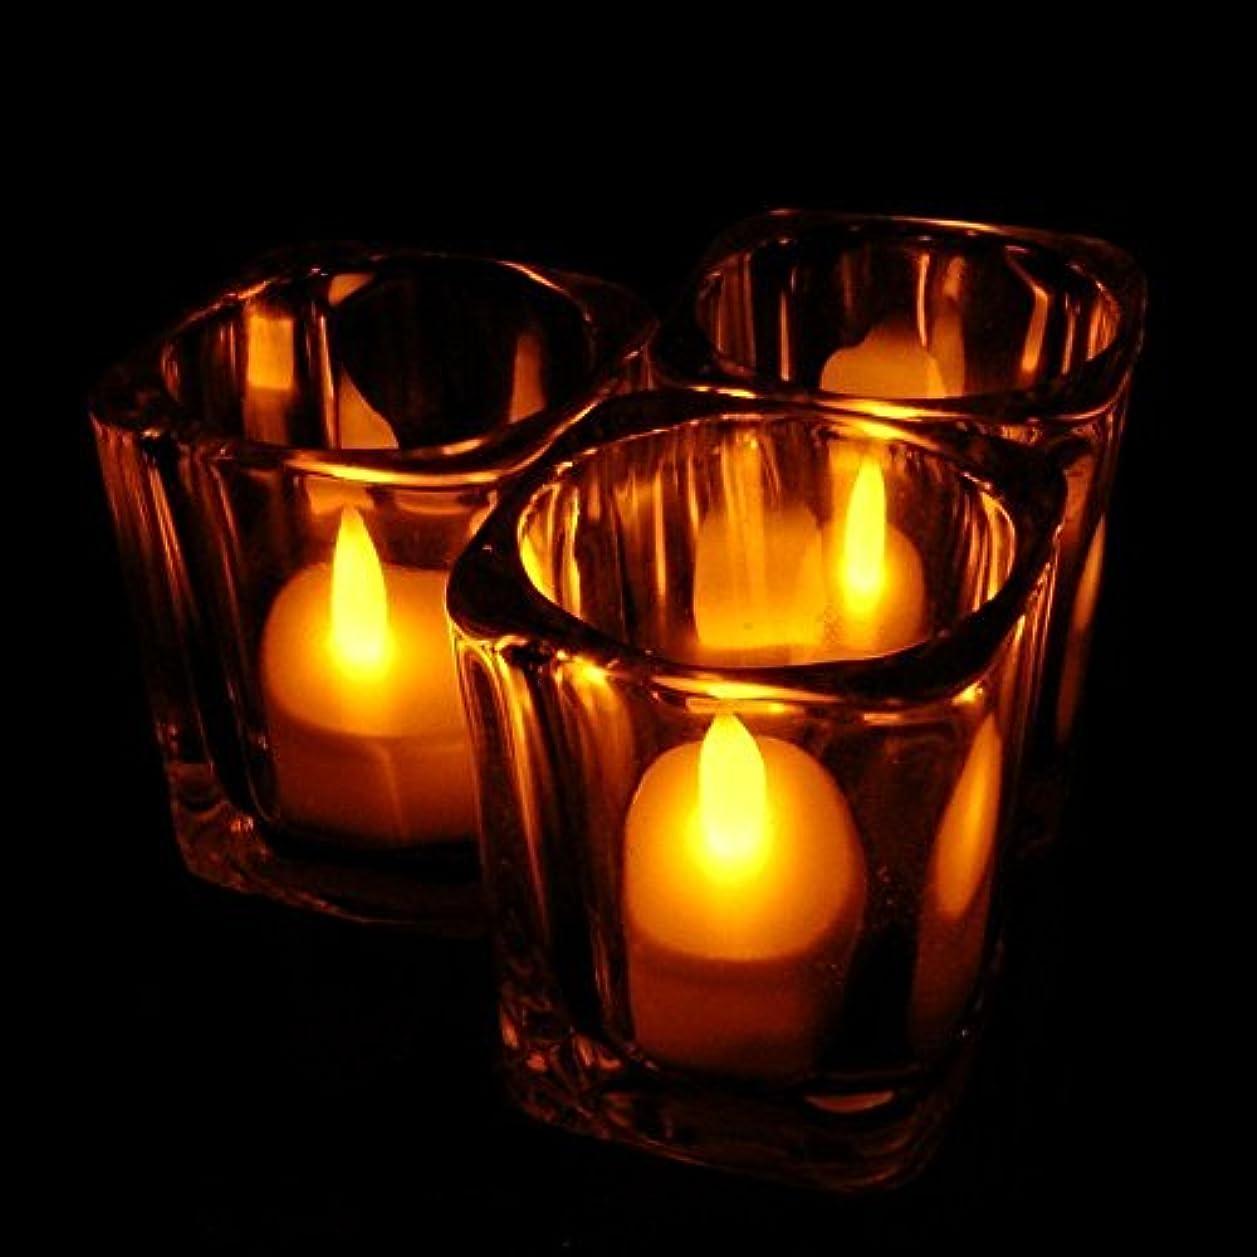 十億余分な友だちホット24ピースledティーライトキャンドルhouseholed velas ledバッテリ駆動フレームレスキャンドル教会とホームdecoartionと照明